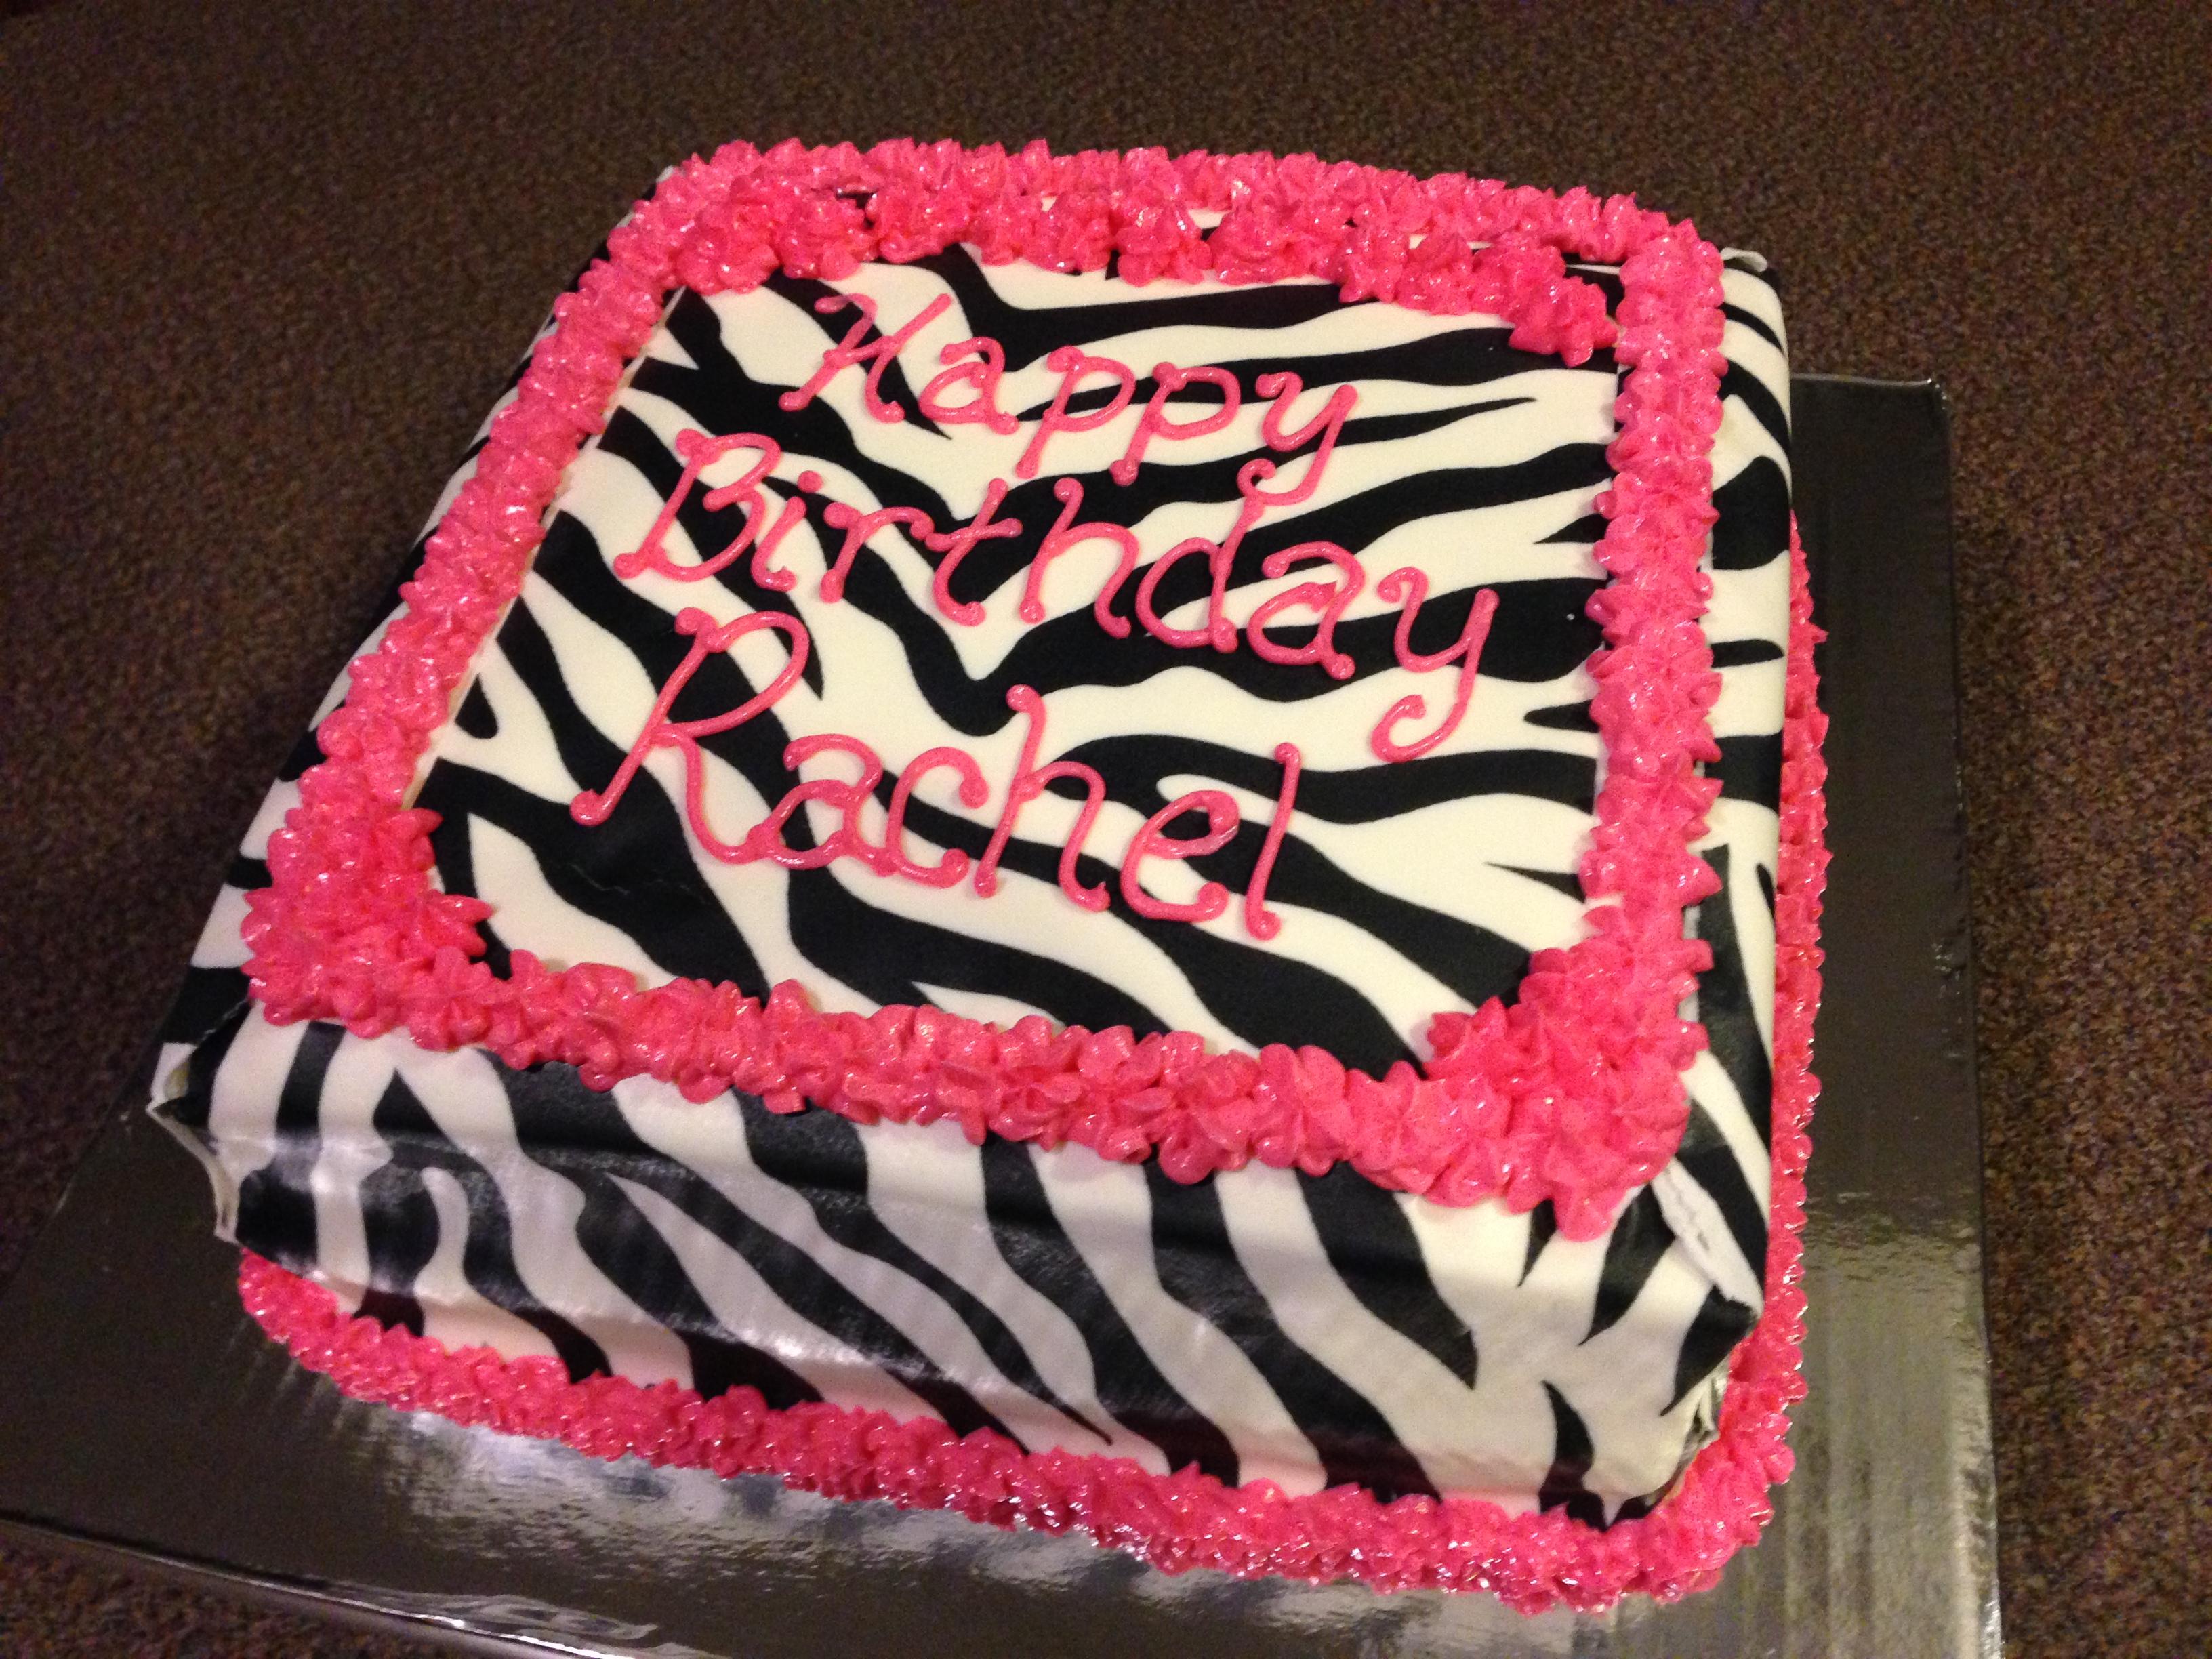 Hot Pink Tiger Cake